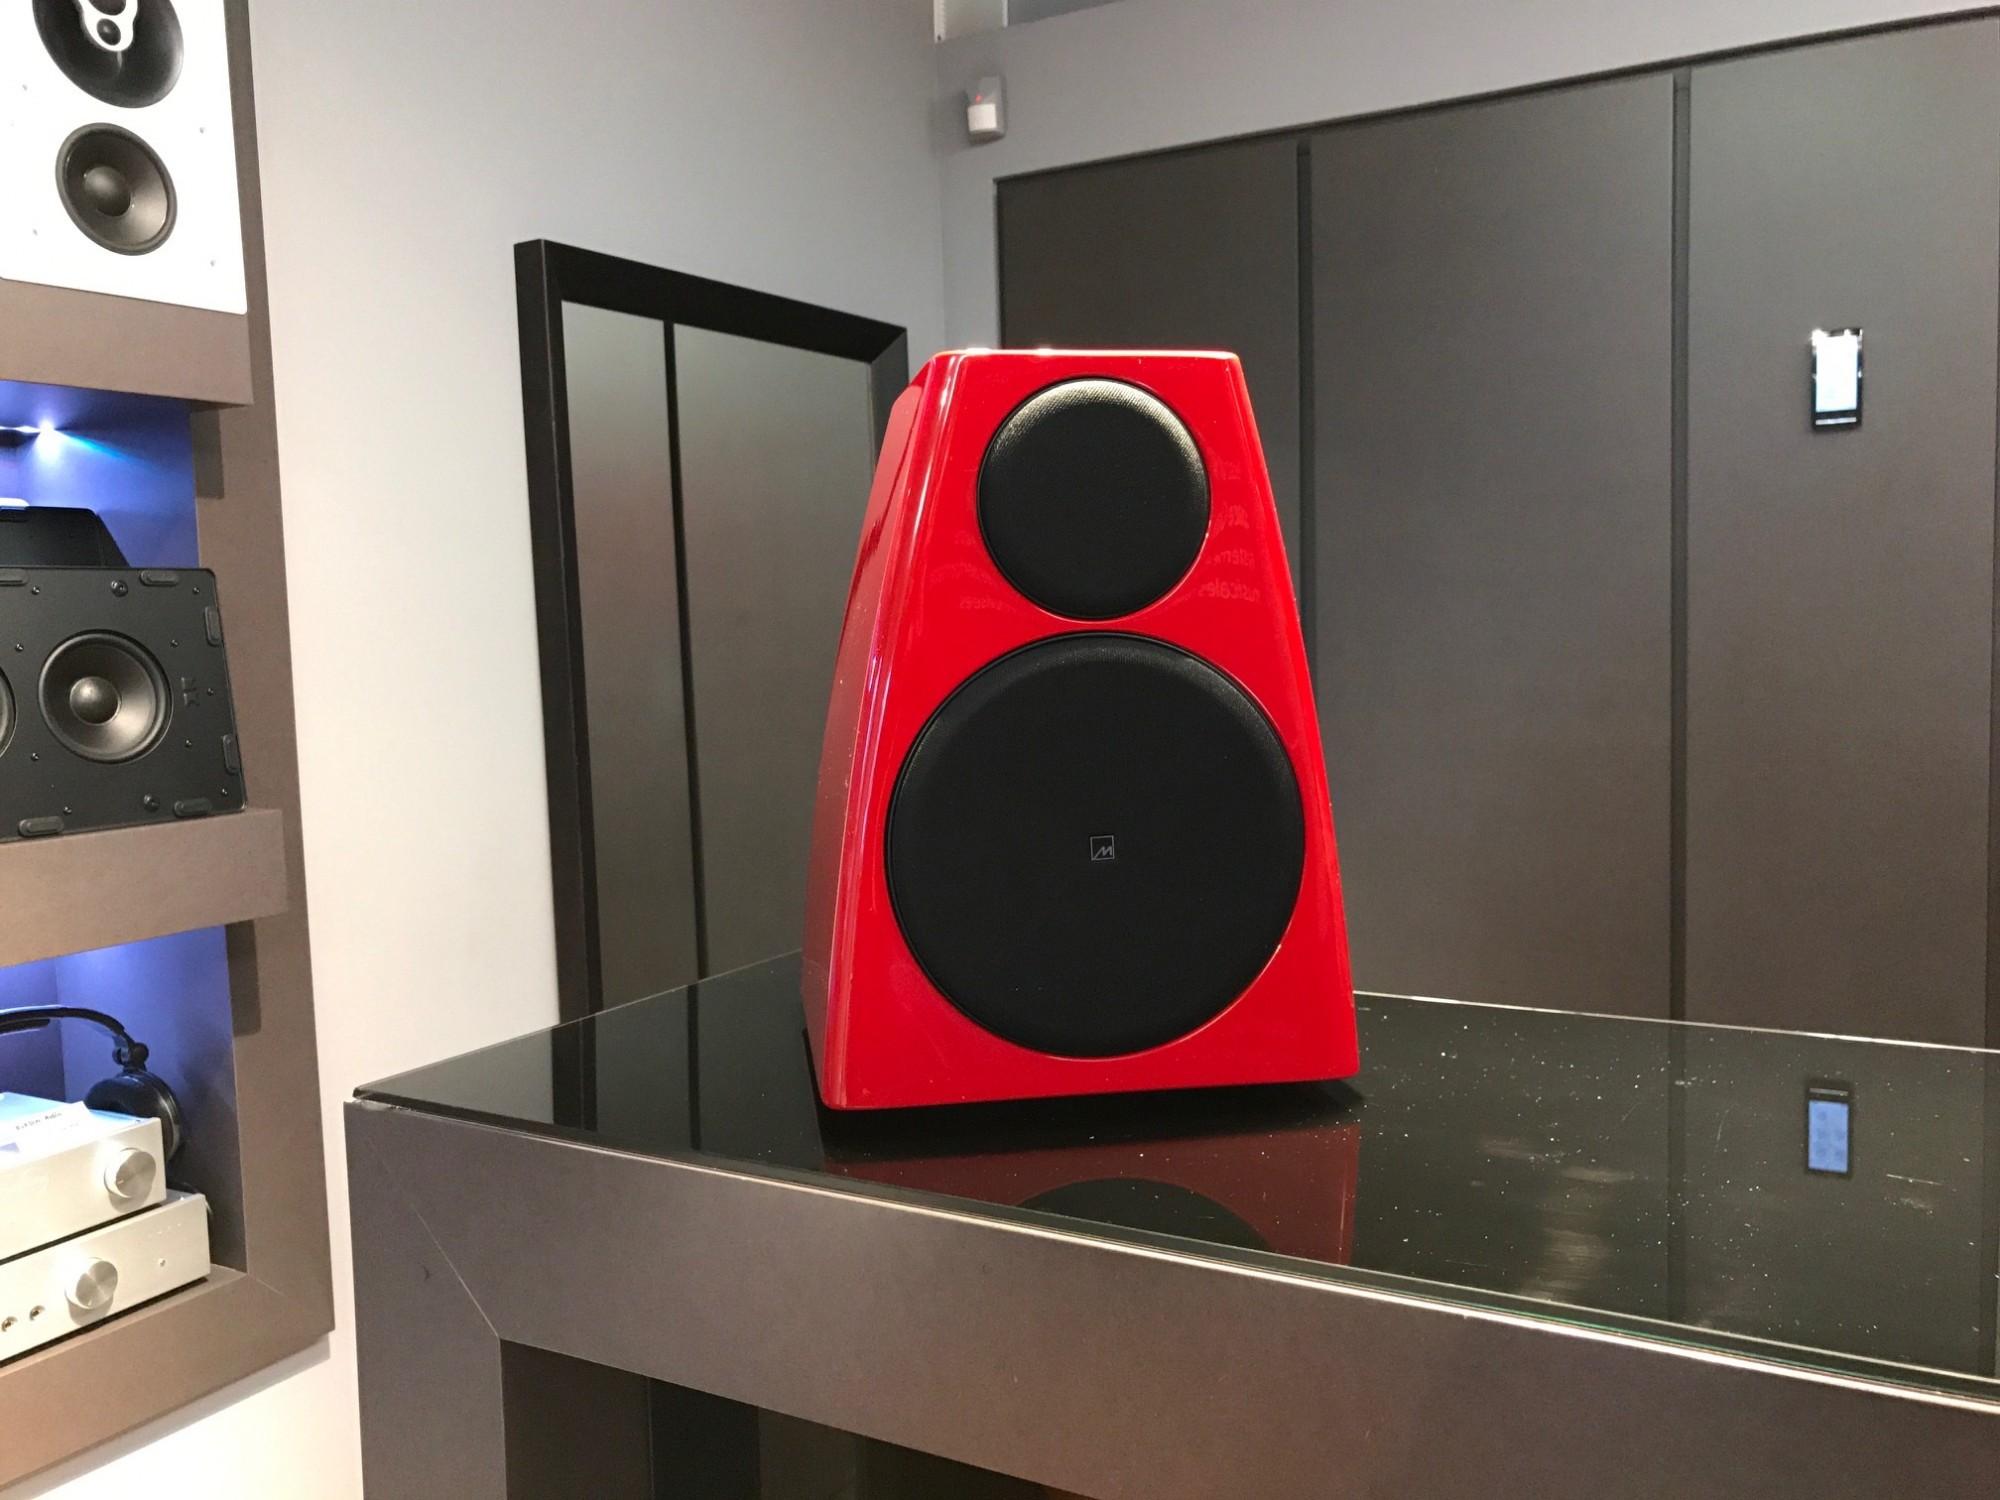 Enceinte bibliothèque active Meridian Audio DSP3200 personnalisée en rouge Ferrari